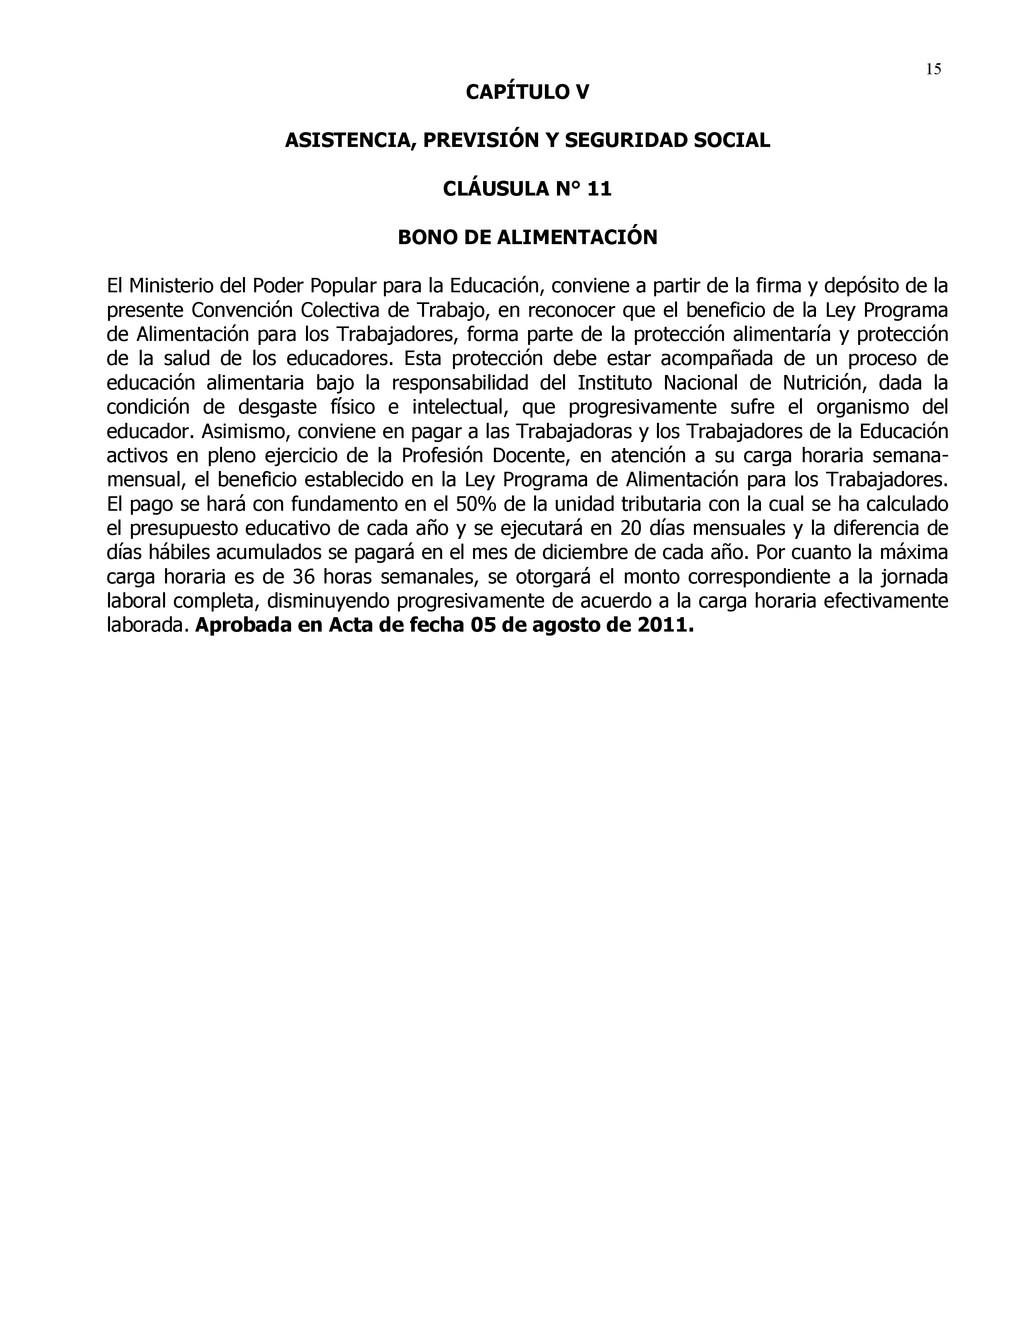 15 CAPÍTULO V ASISTENCIA, PREVISIÓN Y SEGURIDAD...